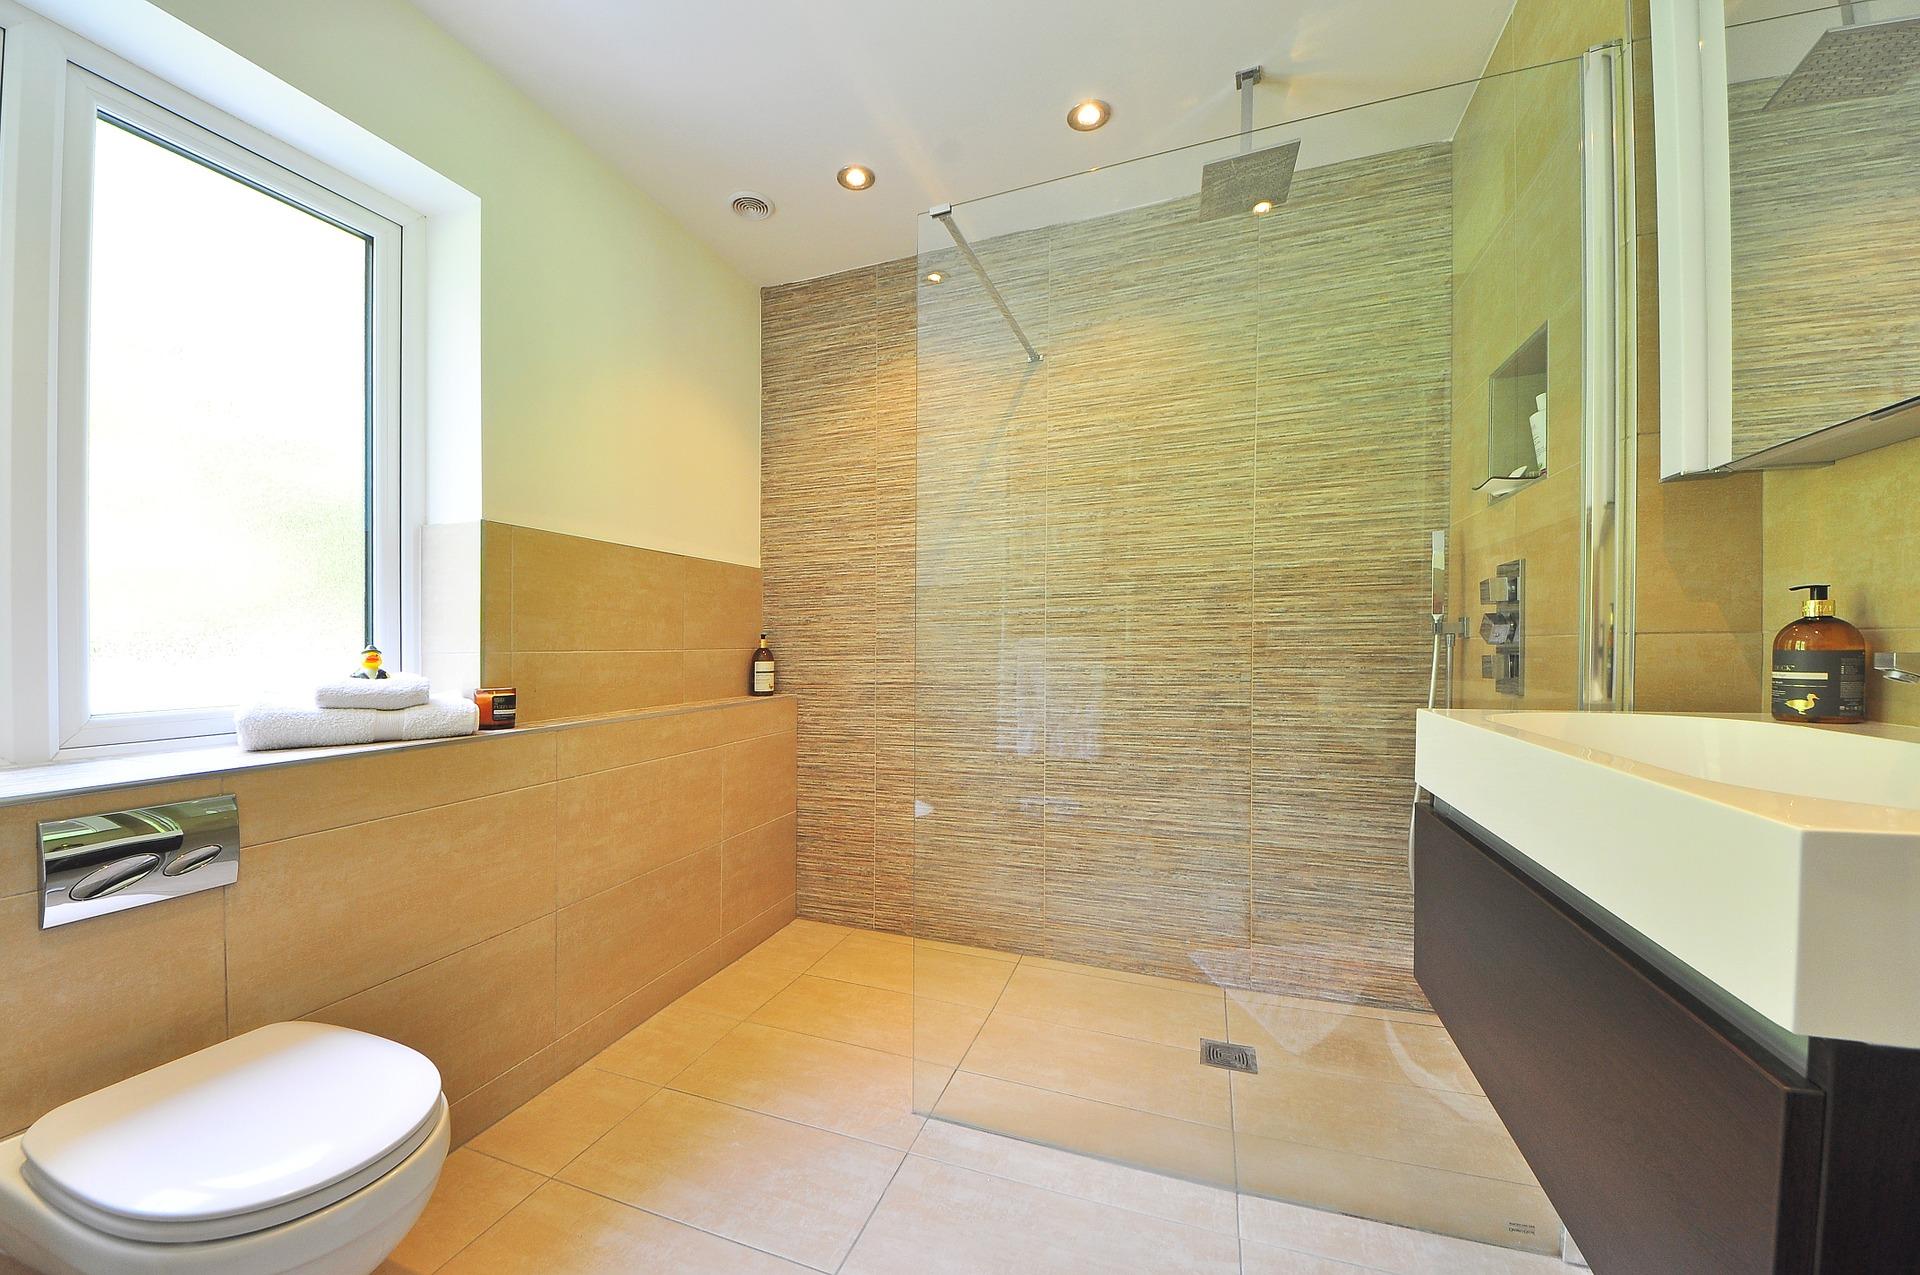 Salle de bain avec mosaïque.